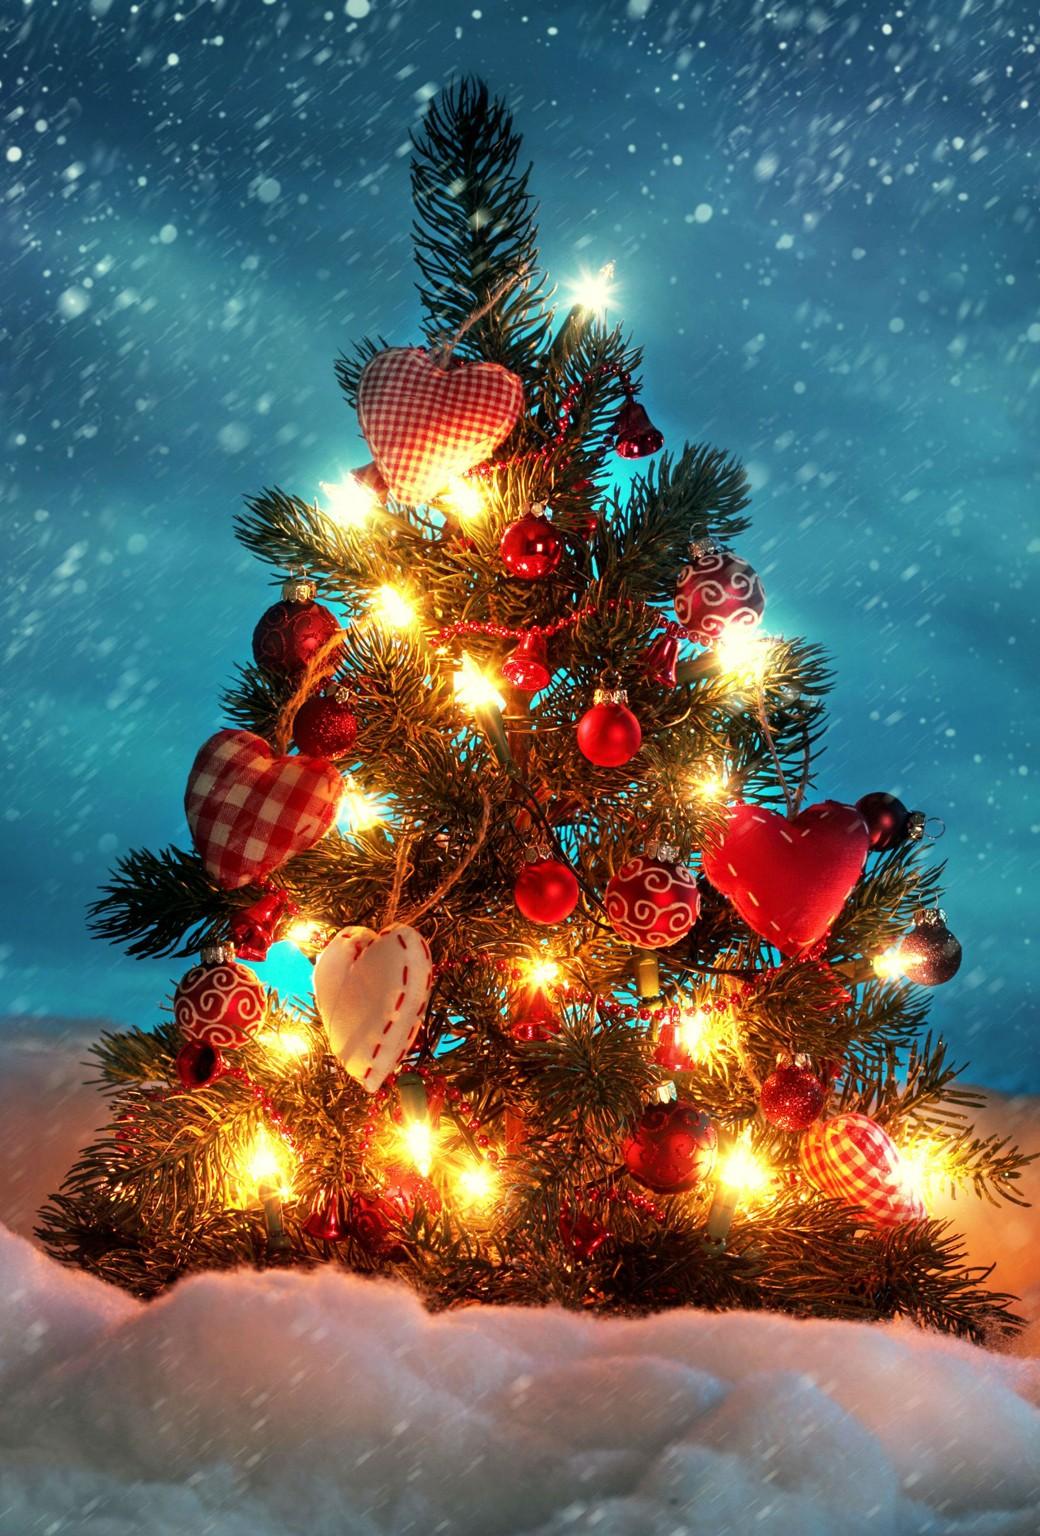 Sfondo Animato Natale.Sfondo Natale Animato Iphone 5 Ios 7 Parallax 3d Maccanismi